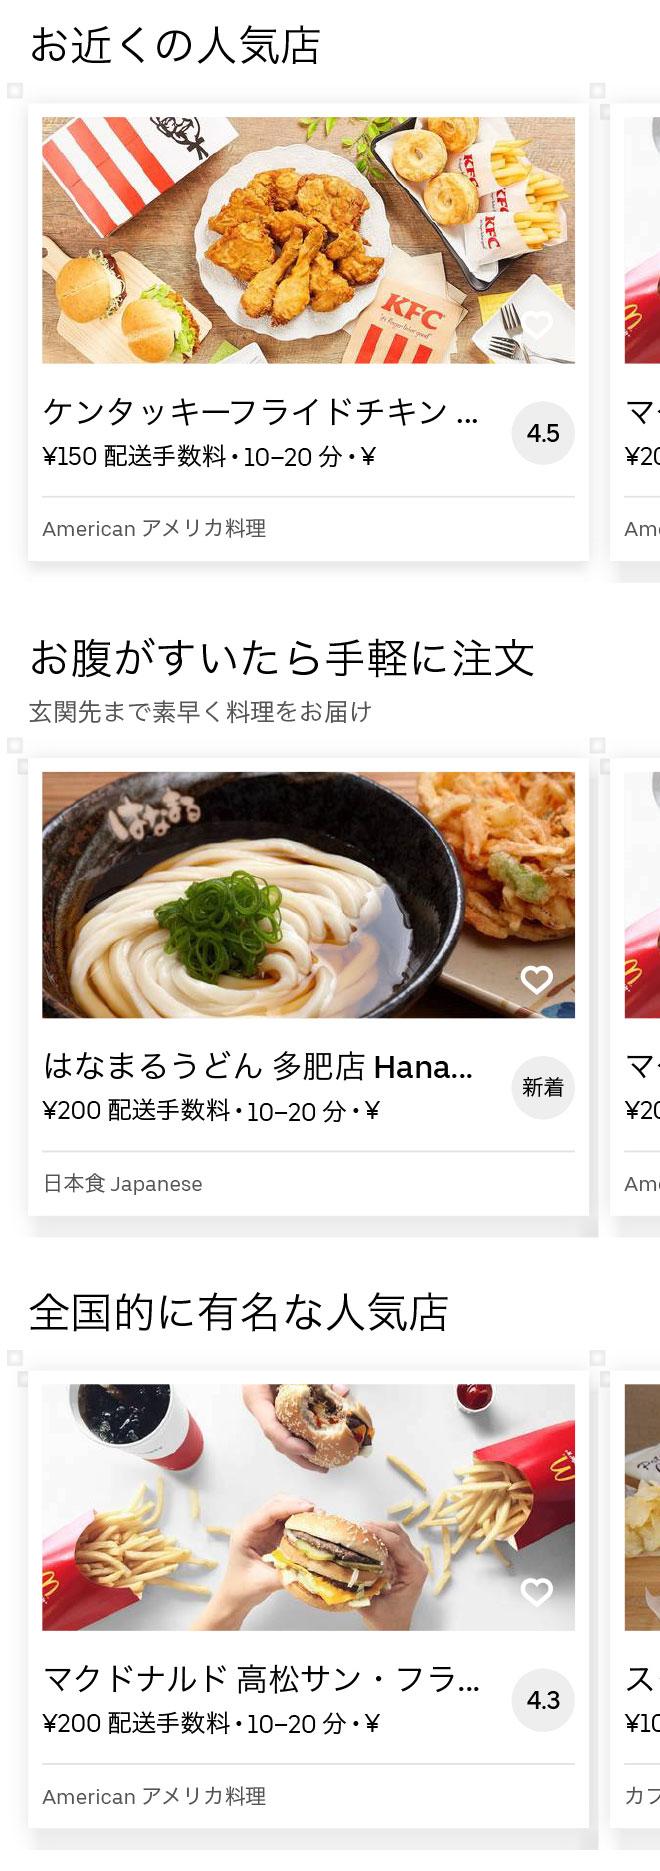 Chuoh sho menu 2008 01